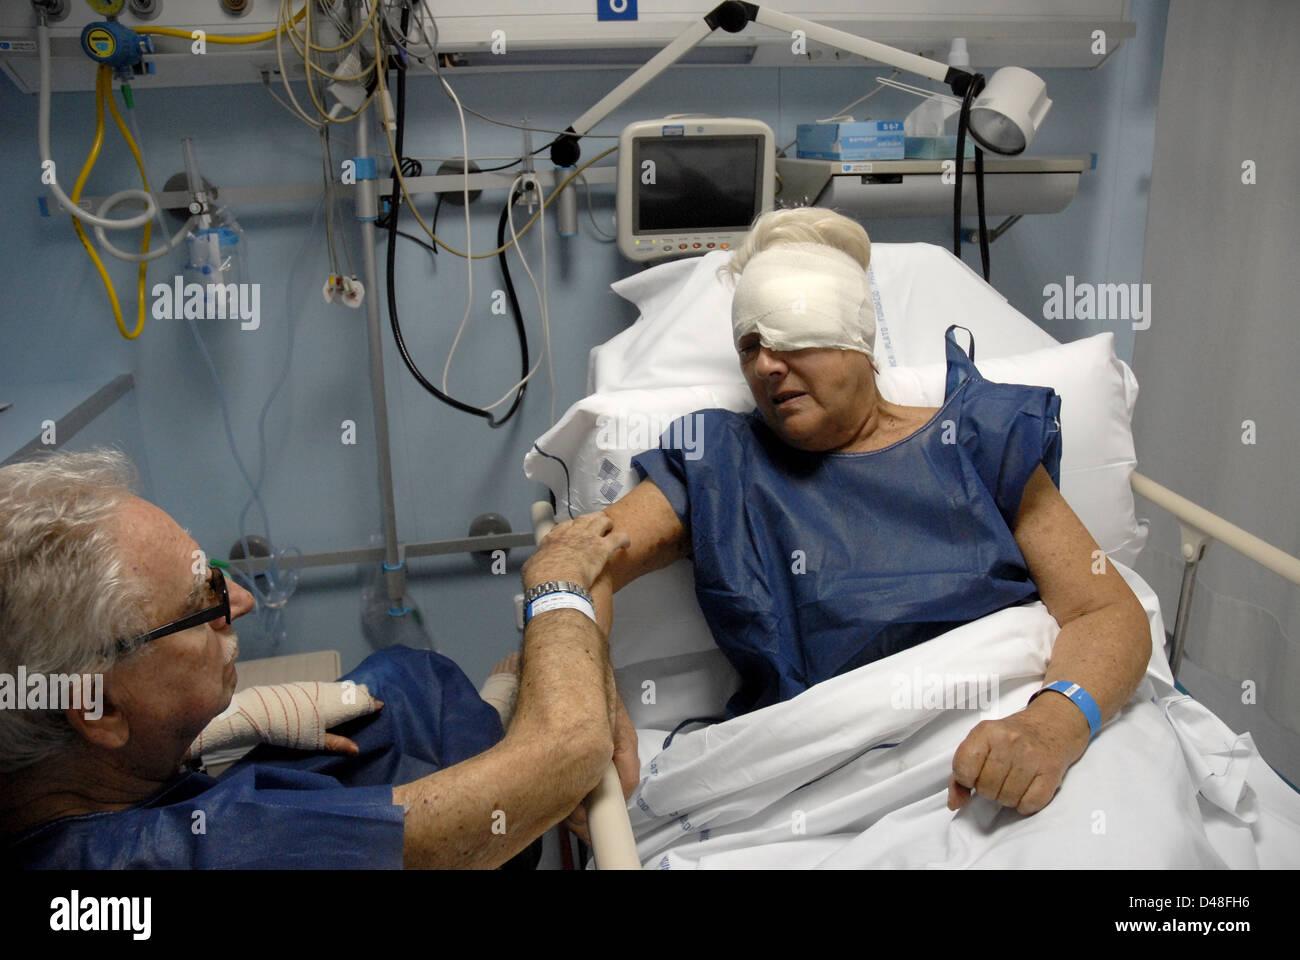 Couple homme et femme dans le lit dans l'hôpital de blessures d'accidents, blessés, blessé, Photo Stock